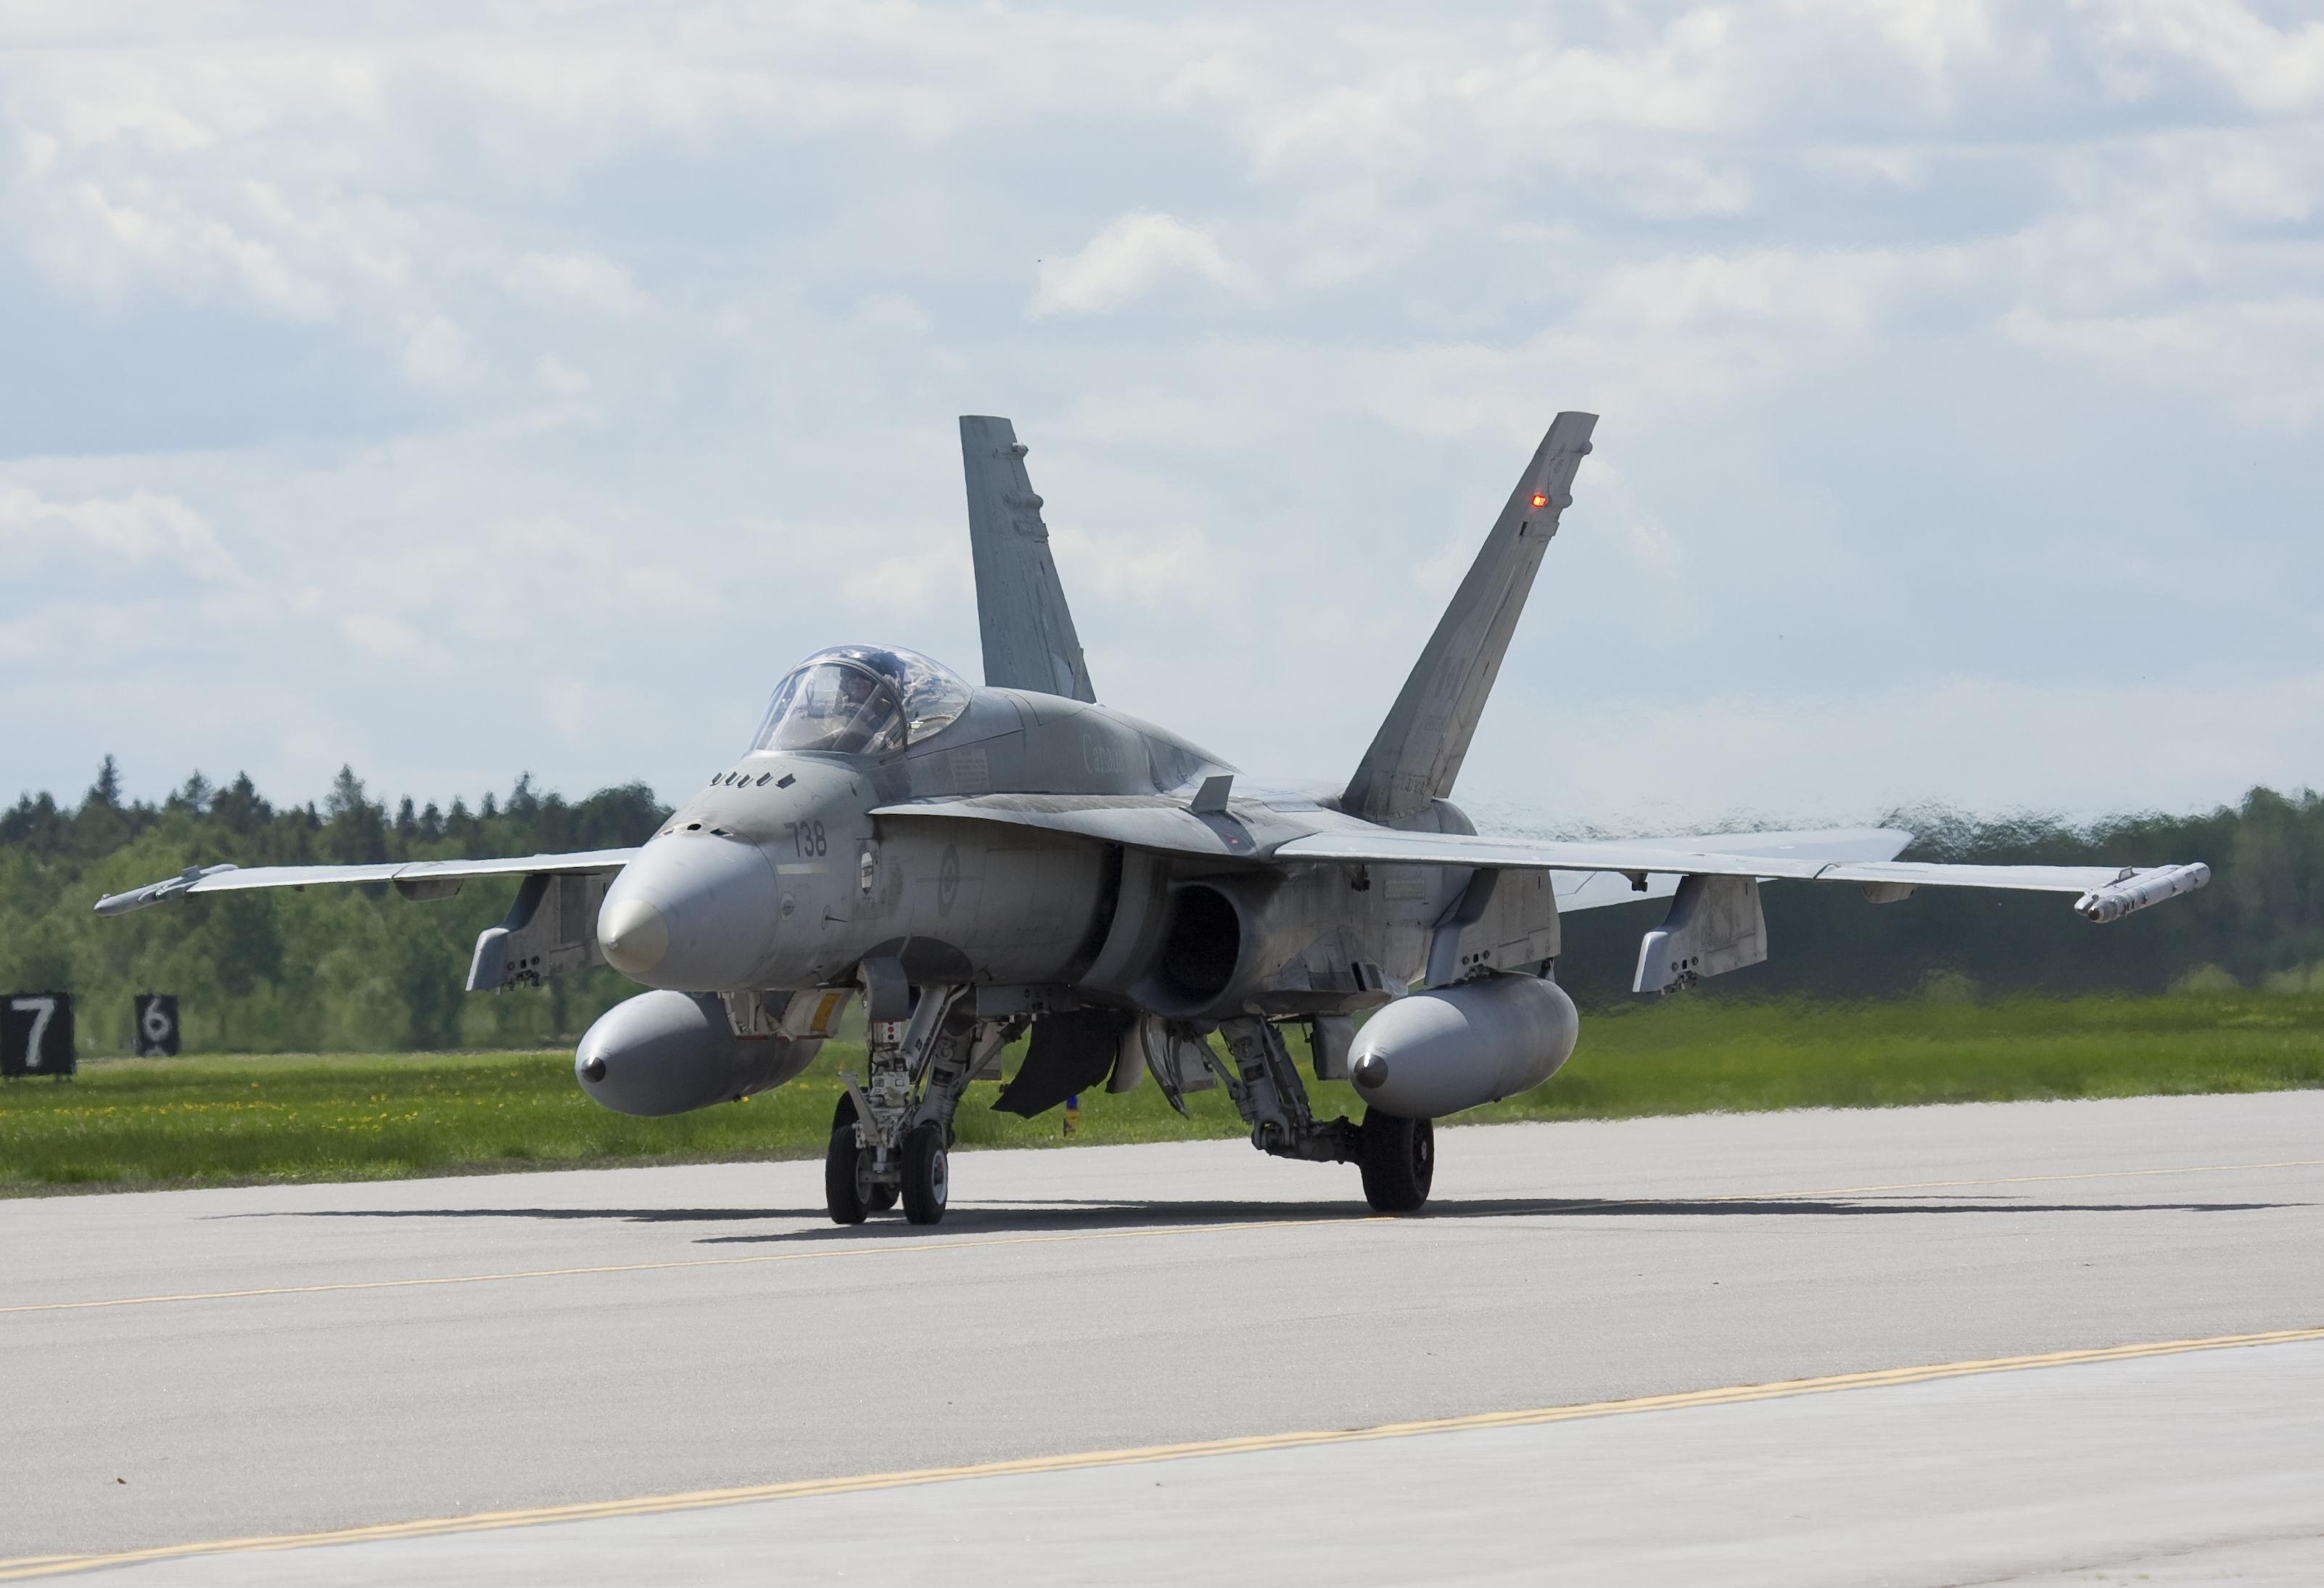 Канадская авиация будет охранять границы Восточной Европы в рамках миссии НАТО, - Литва - Цензор.НЕТ 1912